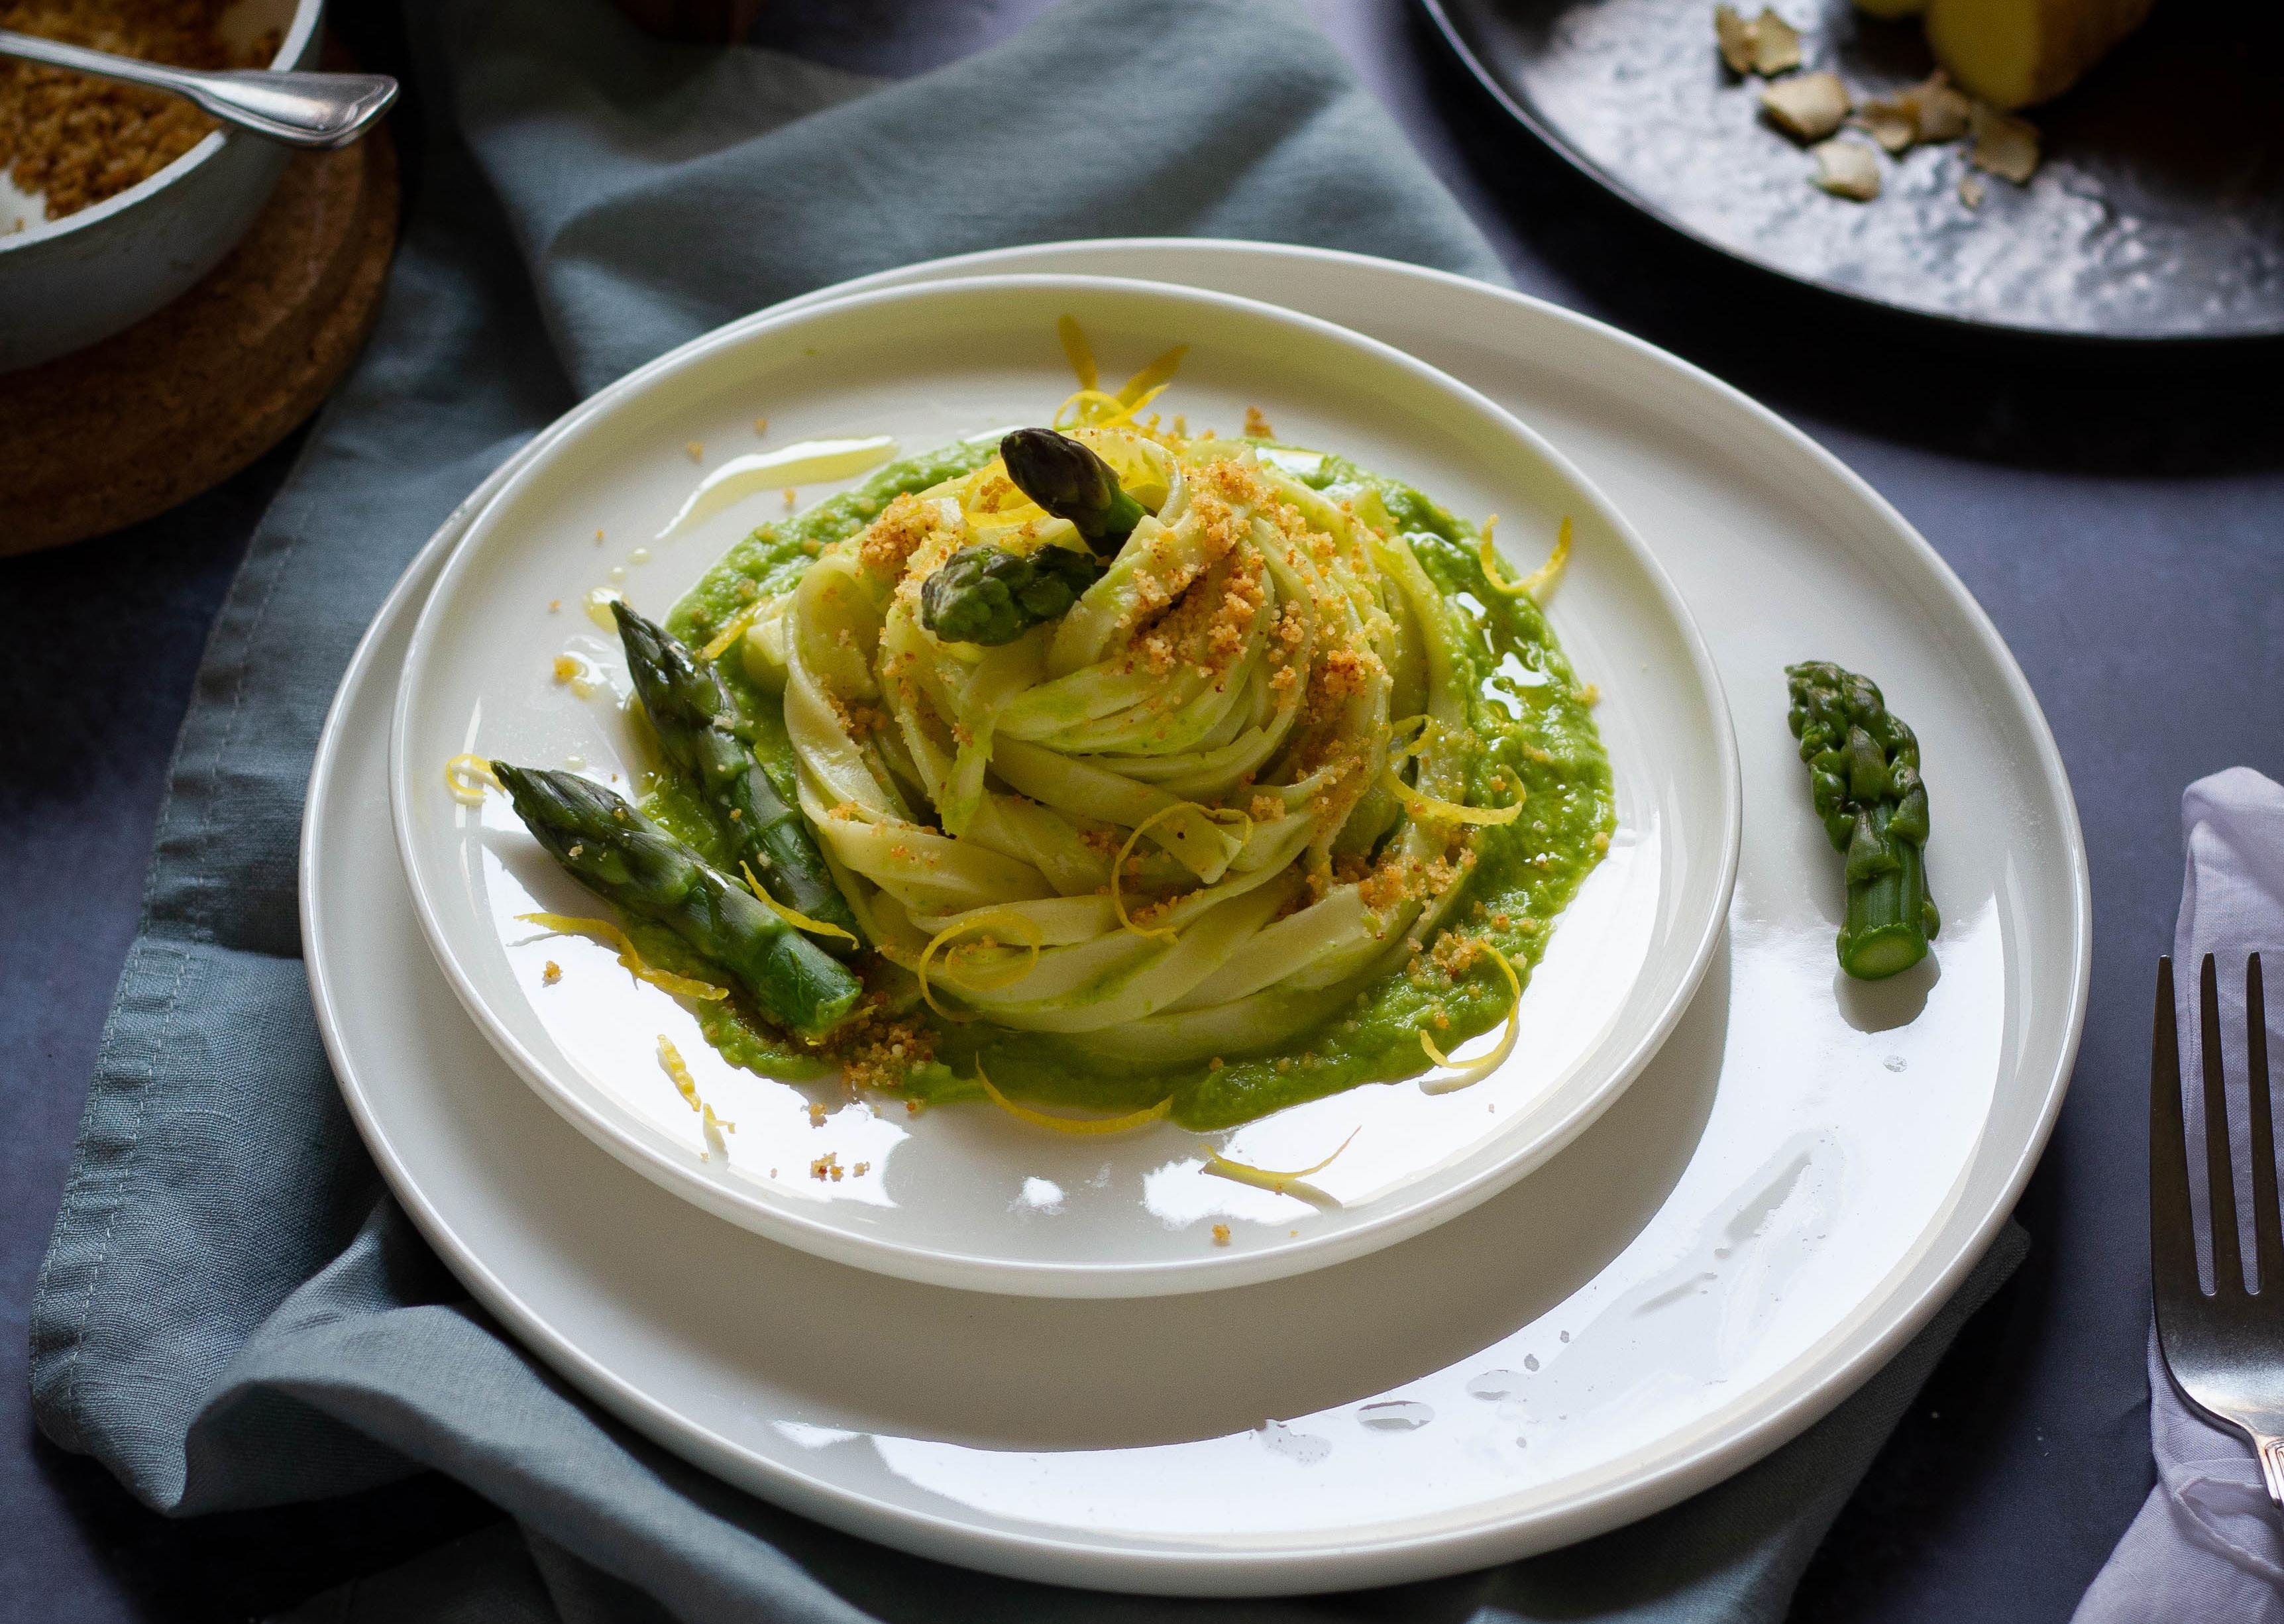 Se questo è un uovo - Tagliatelle di kamut con asparagi e zenzero